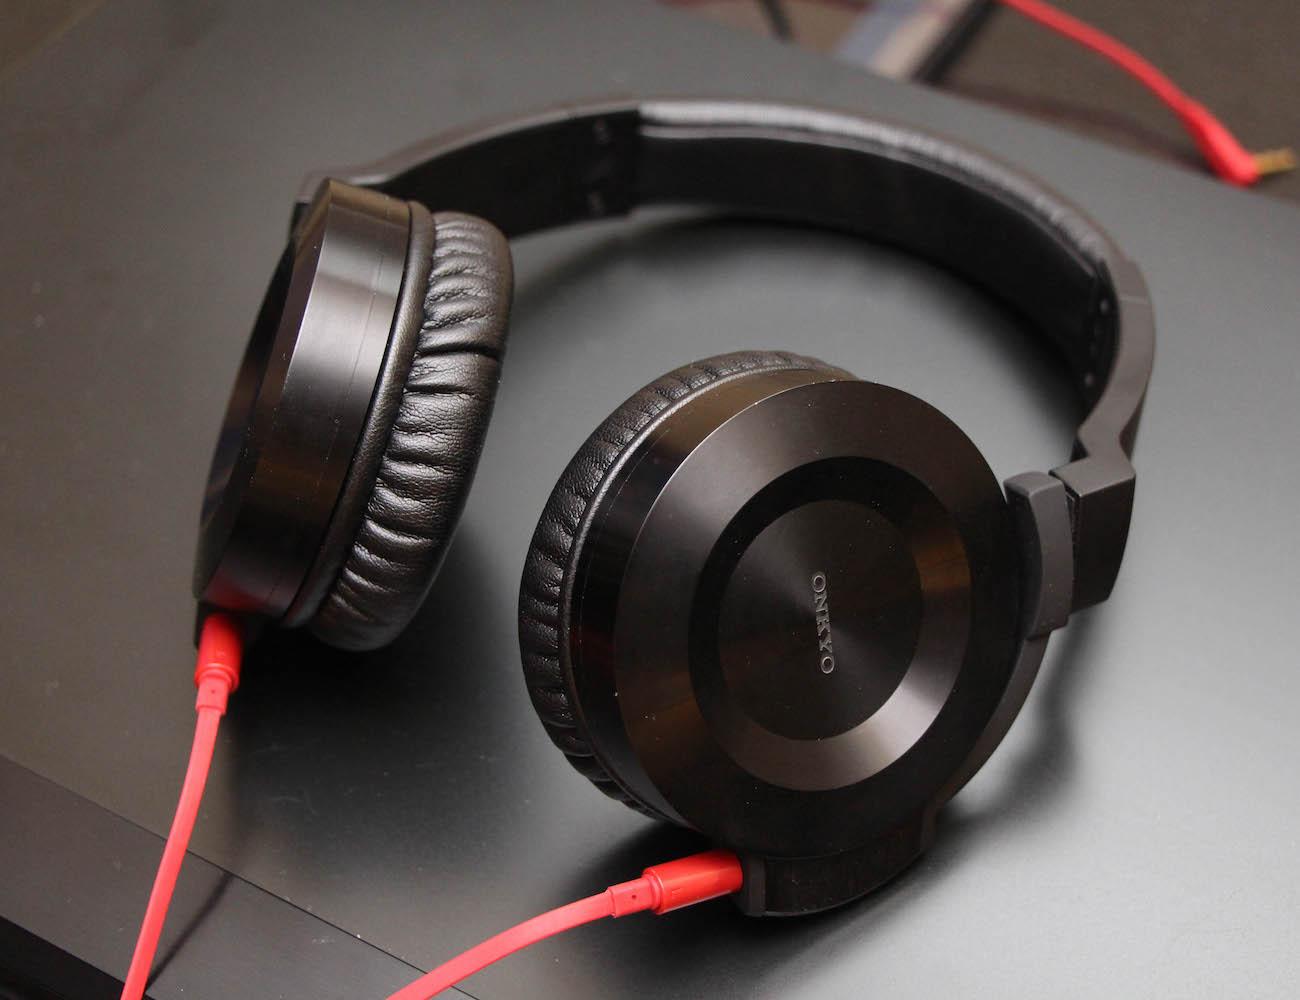 onkyo headphones. Onkyo ES-HF300 On-Ear Headphones Y